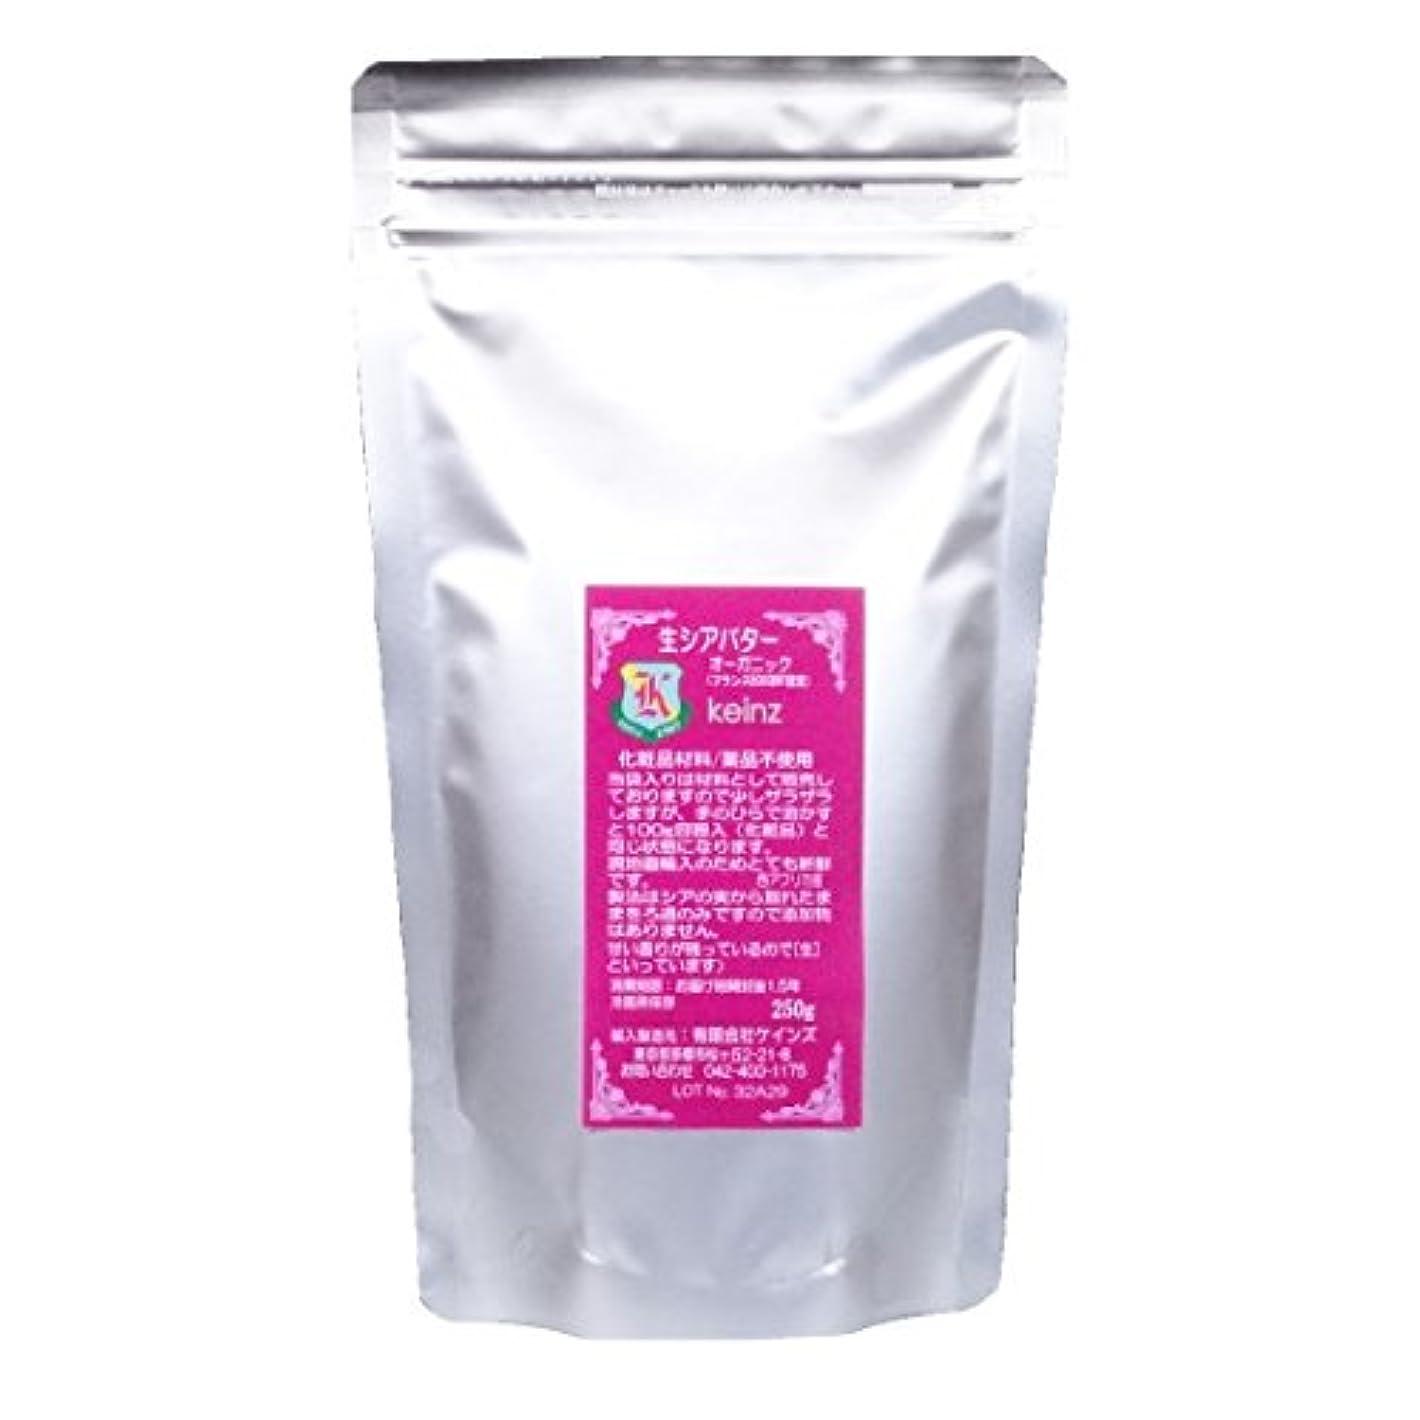 報告書ヒゲクジラ策定するkeinz 【良質/新鮮】生シアバター 【オーガニック】250g チャック袋入 ケインズ正規品 新鮮です 完全無添加 天然100%【送料込】日本製